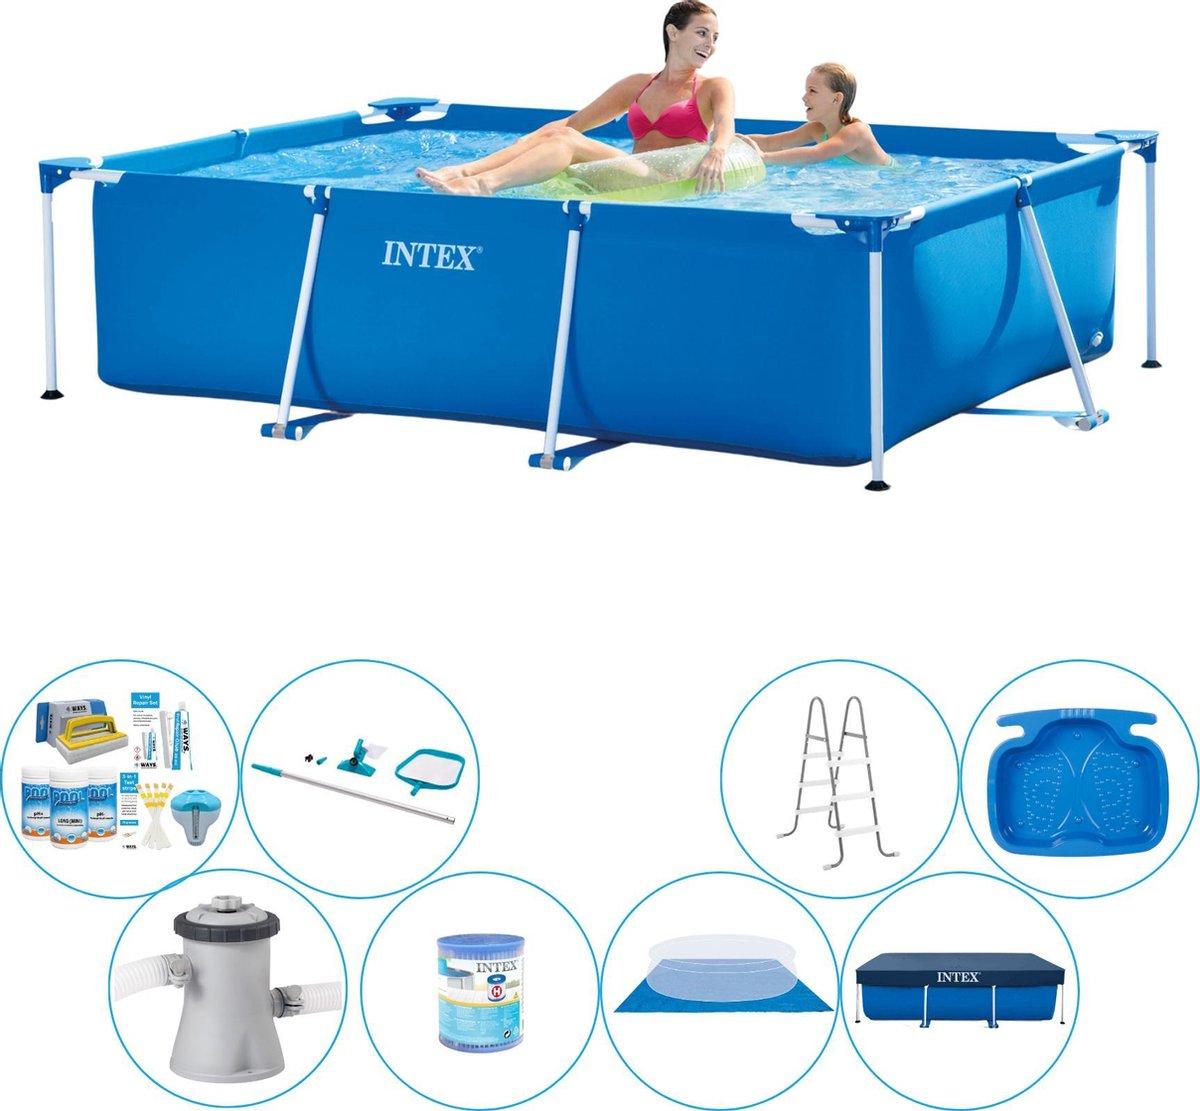 Intex Rechthoekig Zwembad - 220 x 150 x 60 cm - Inclusief toebehoren